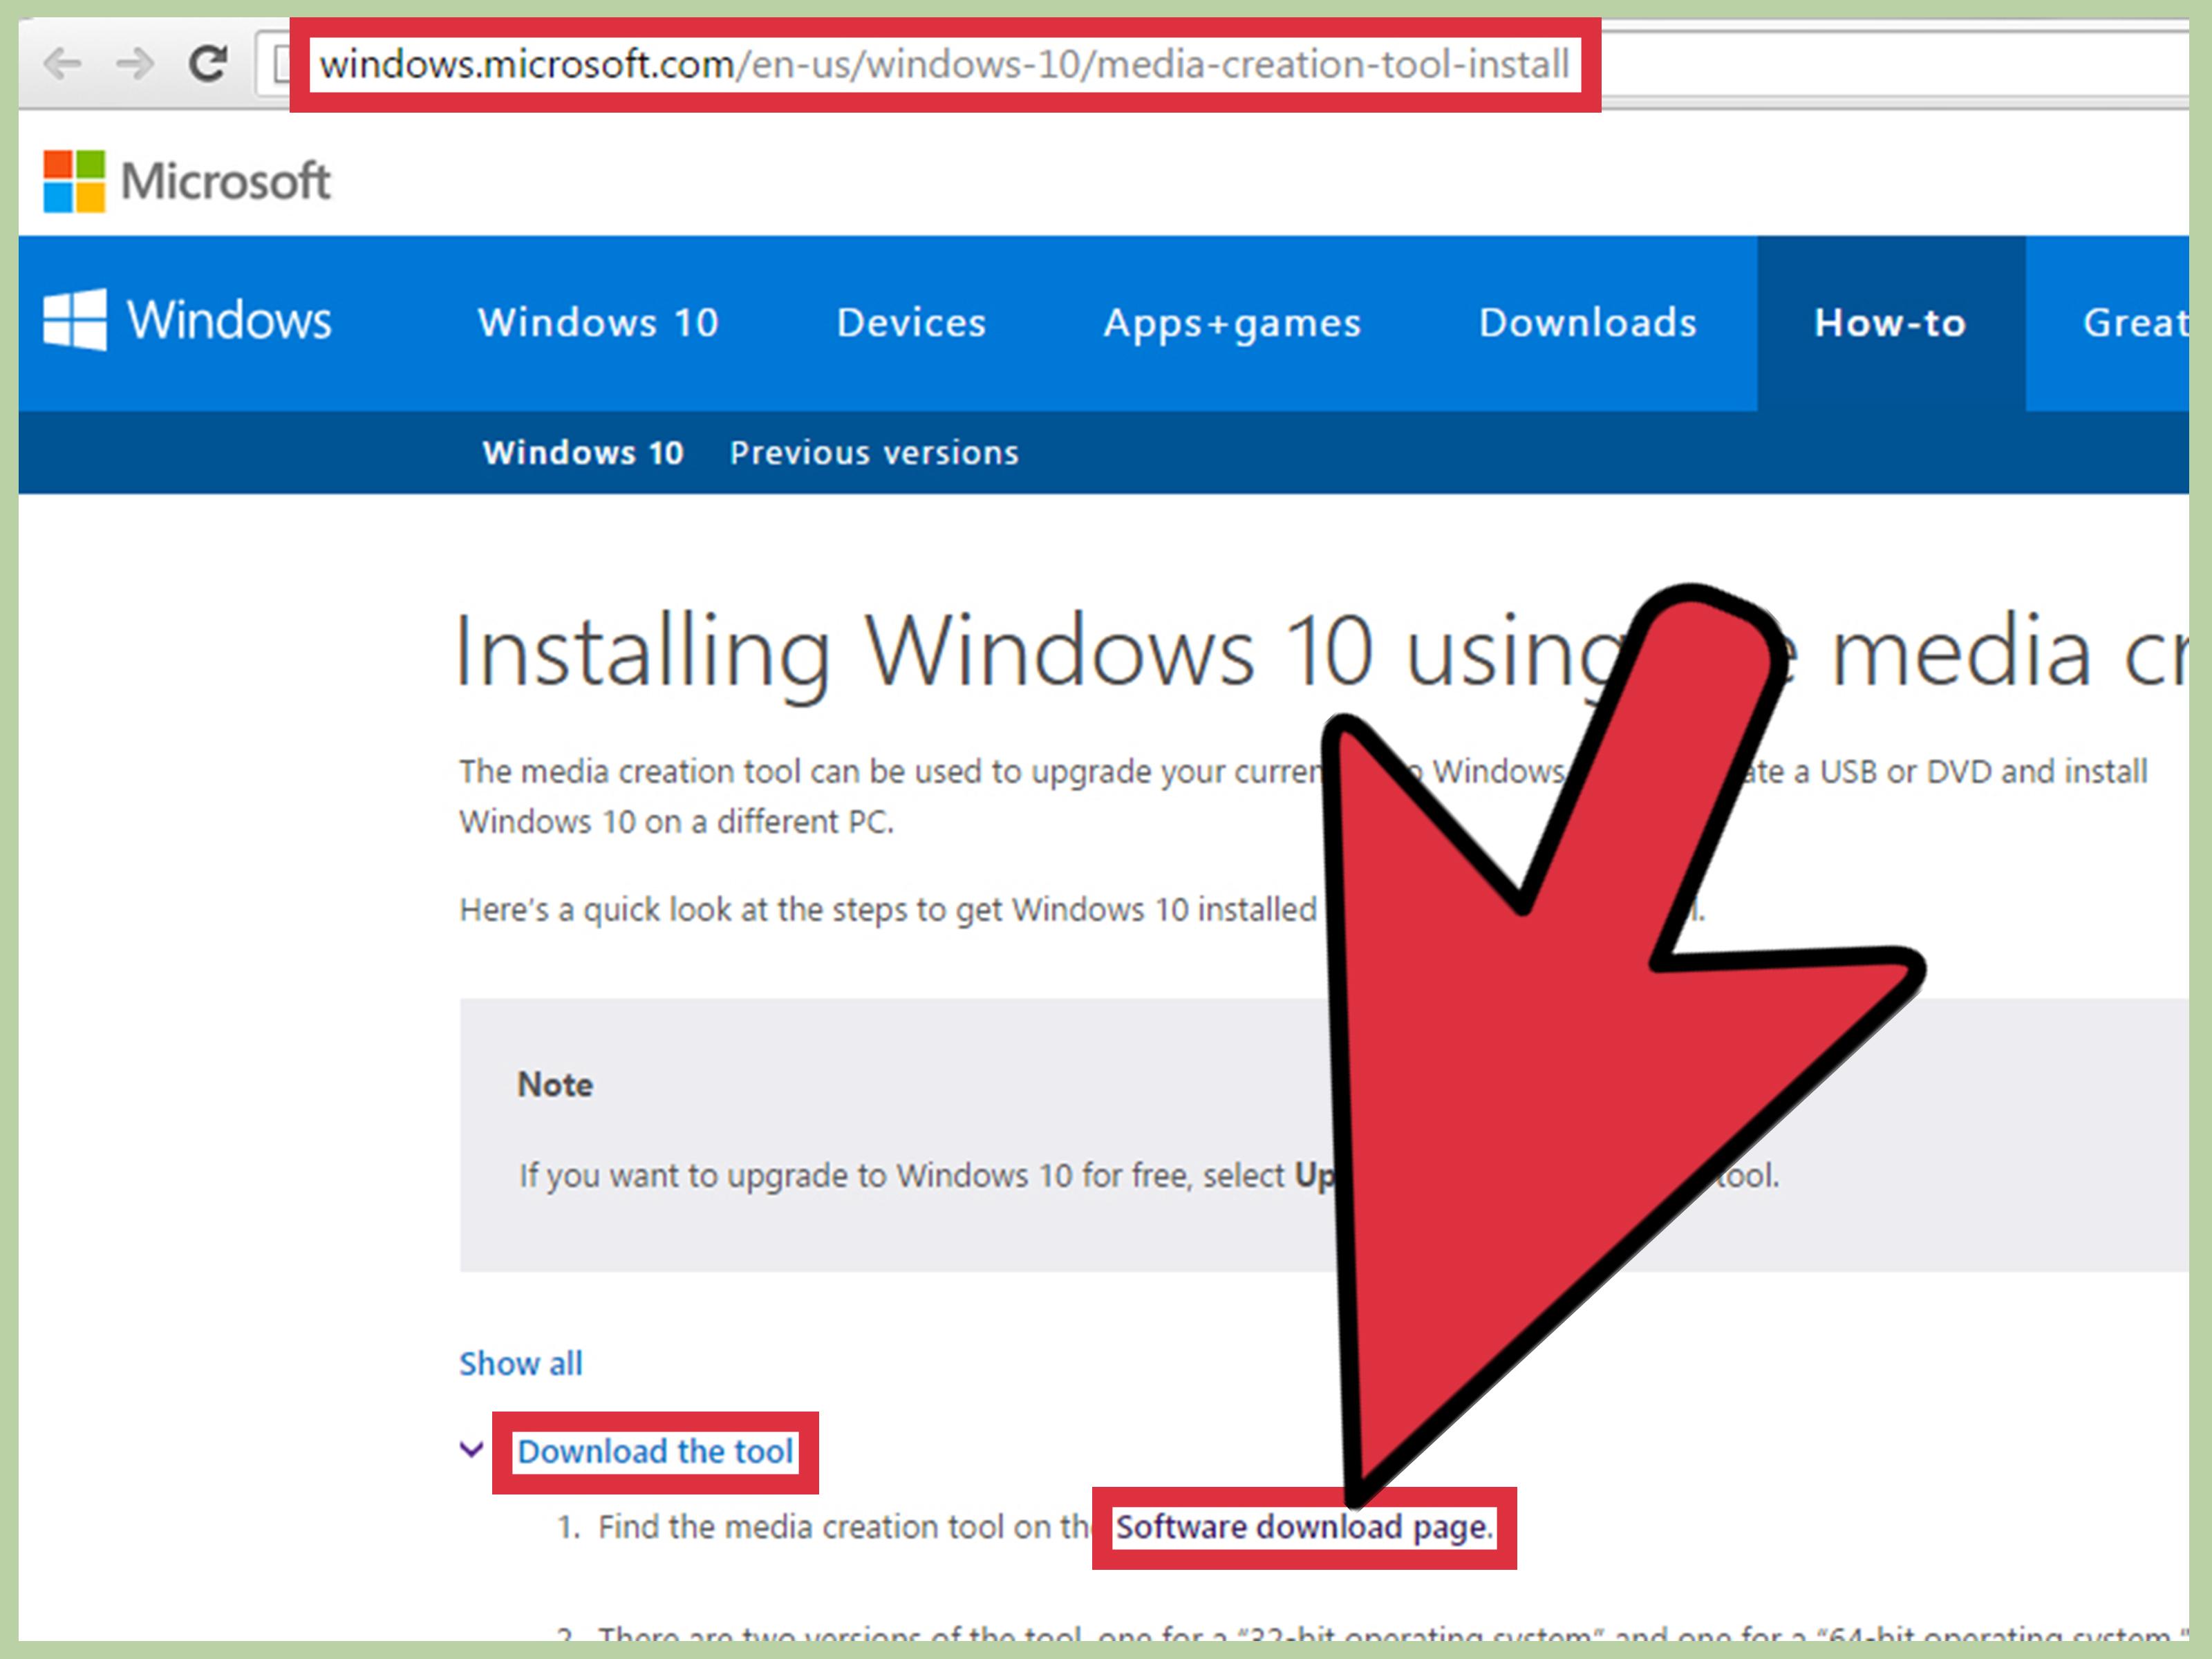 Cách Kiểm Tra Xem Có Nâng Cấp Miễn Phí Lên Windows 10 Được Hay Không - VERA STAR